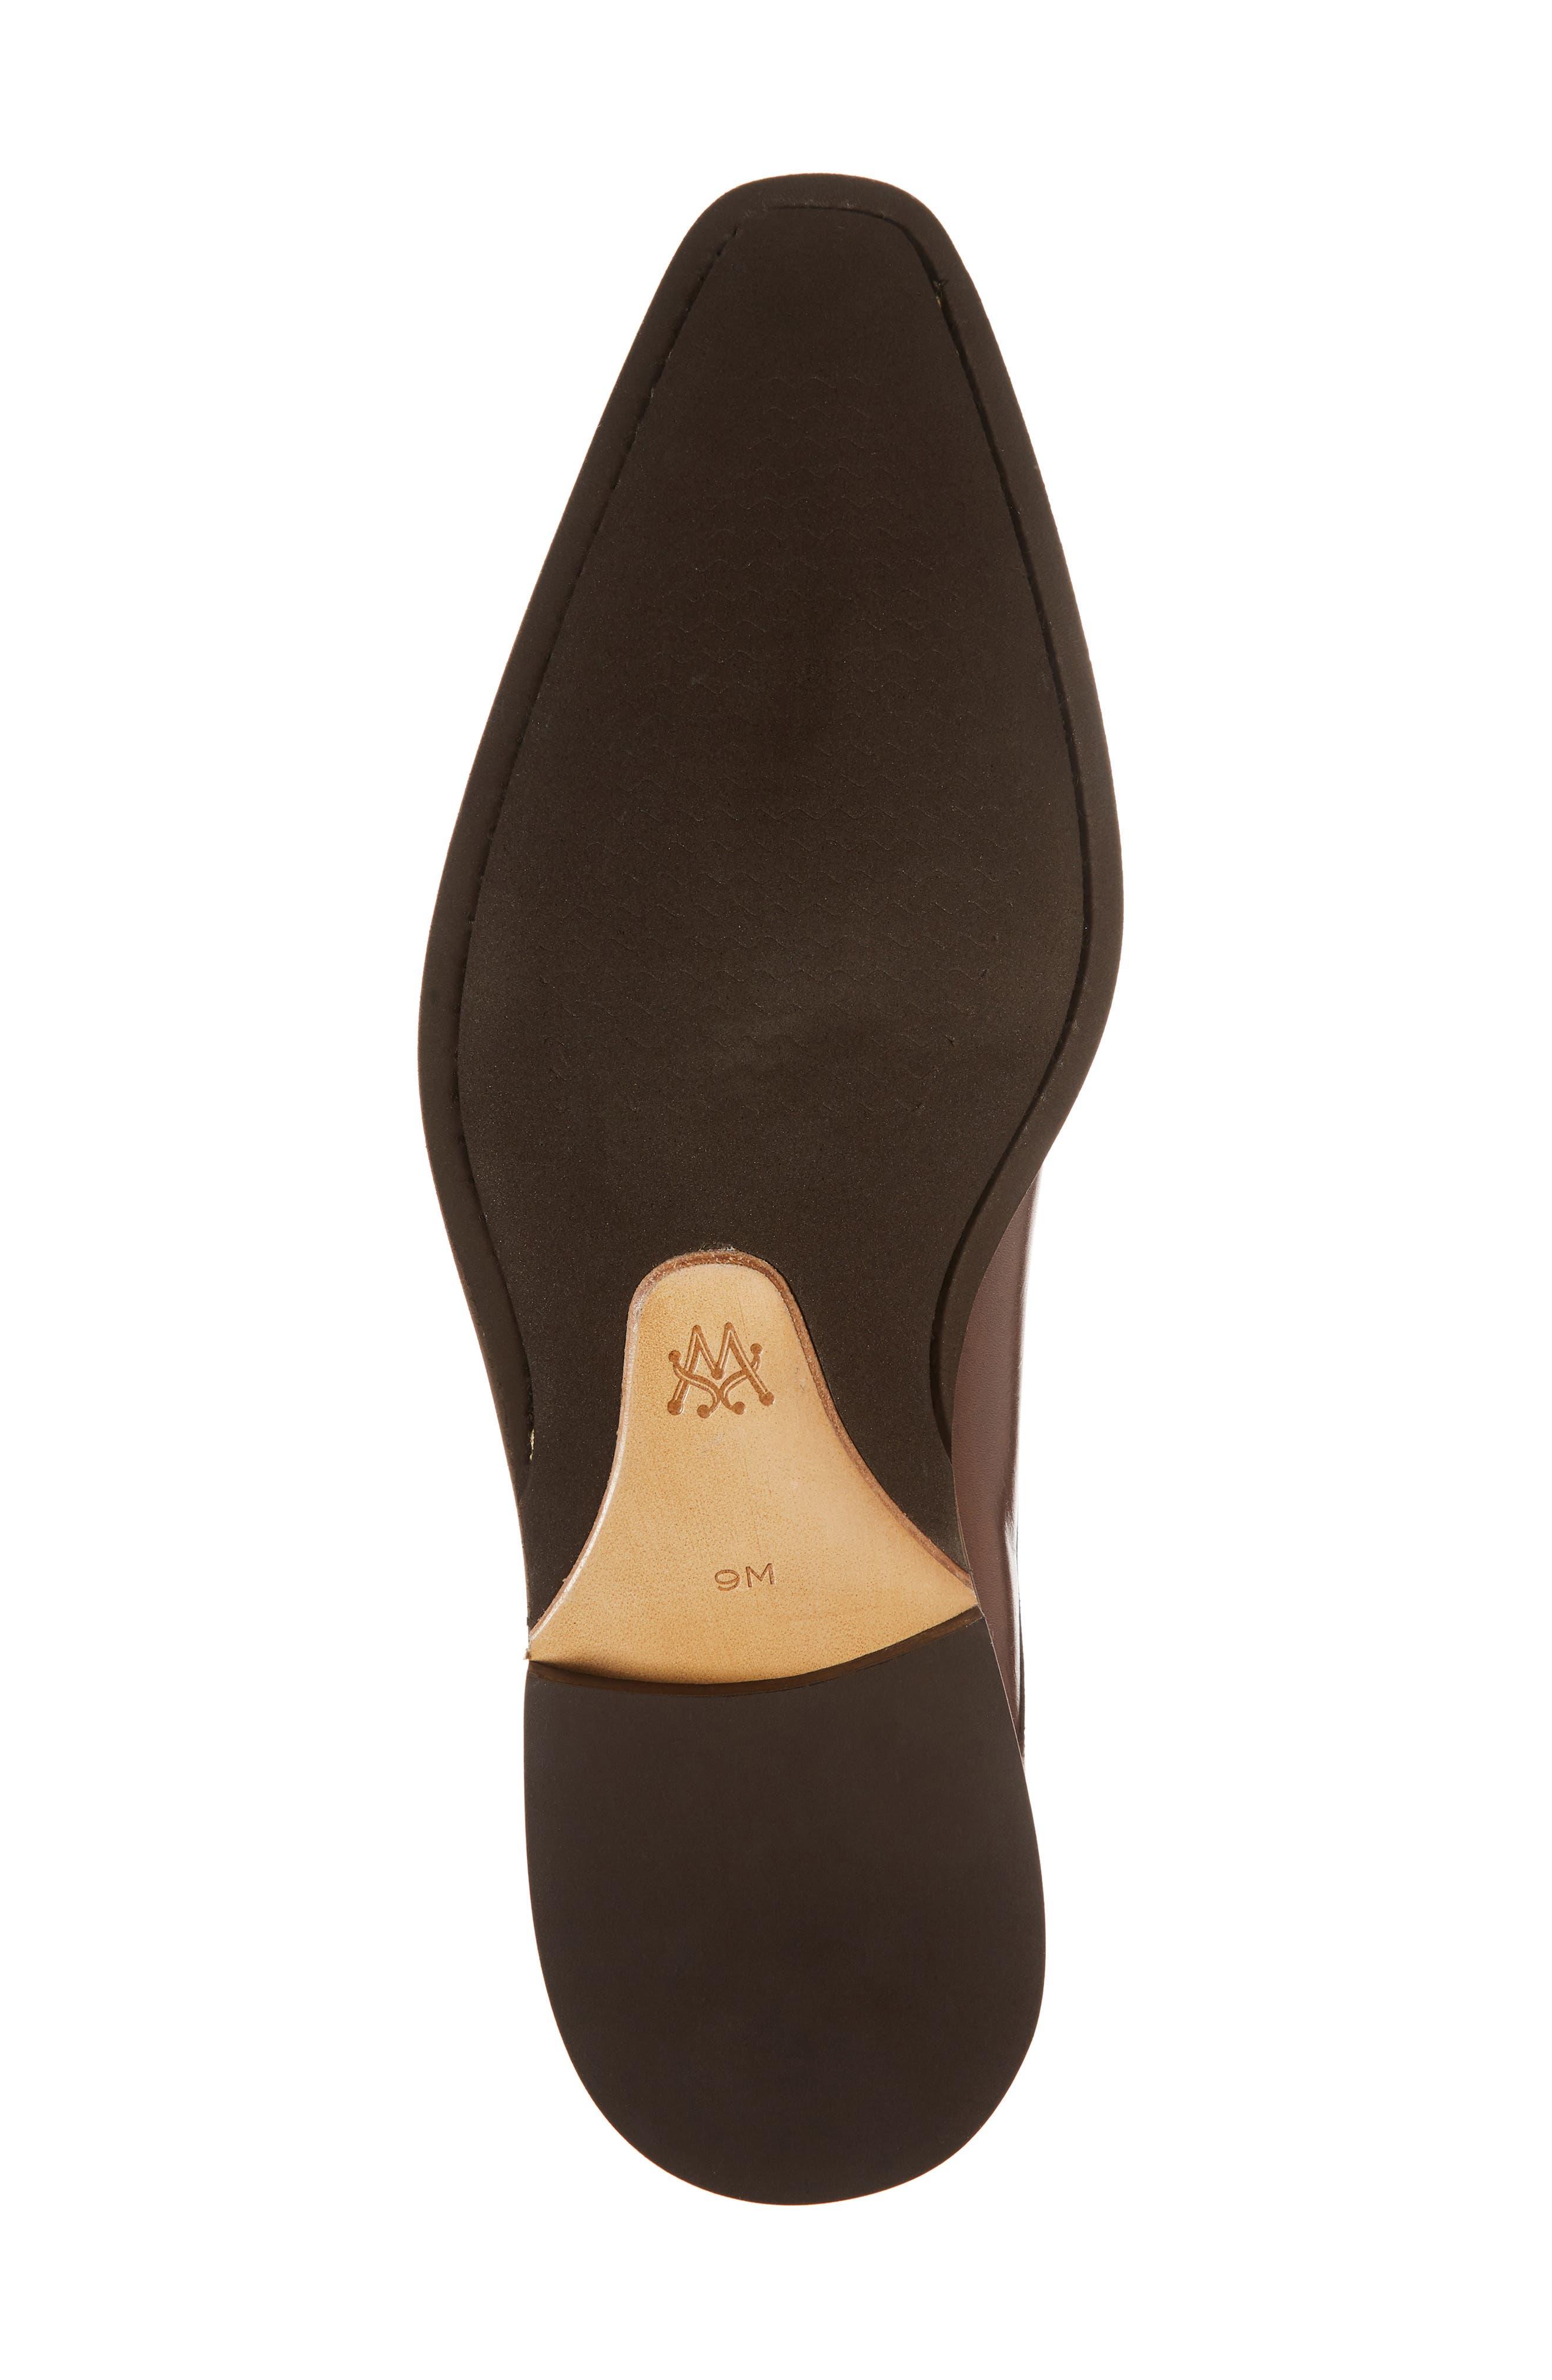 Feresta Wingtip Monk Shoe,                             Alternate thumbnail 6, color,                             COGNAC